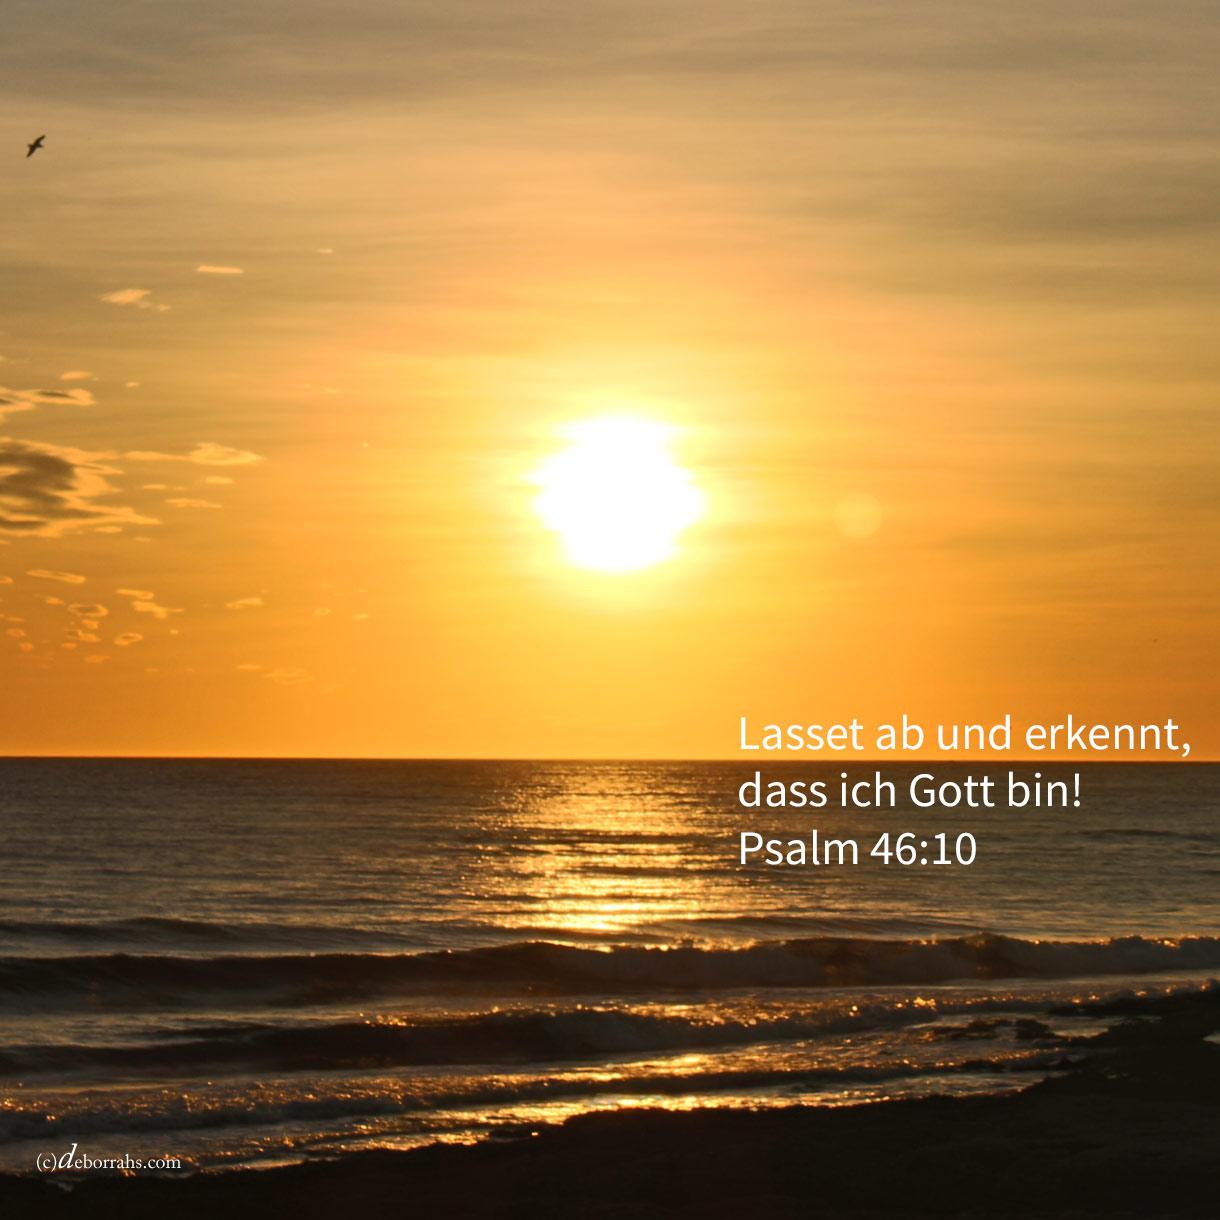 Lasset ab und erkennet, dass ich Gott bin! ( Psalm 46,10 )